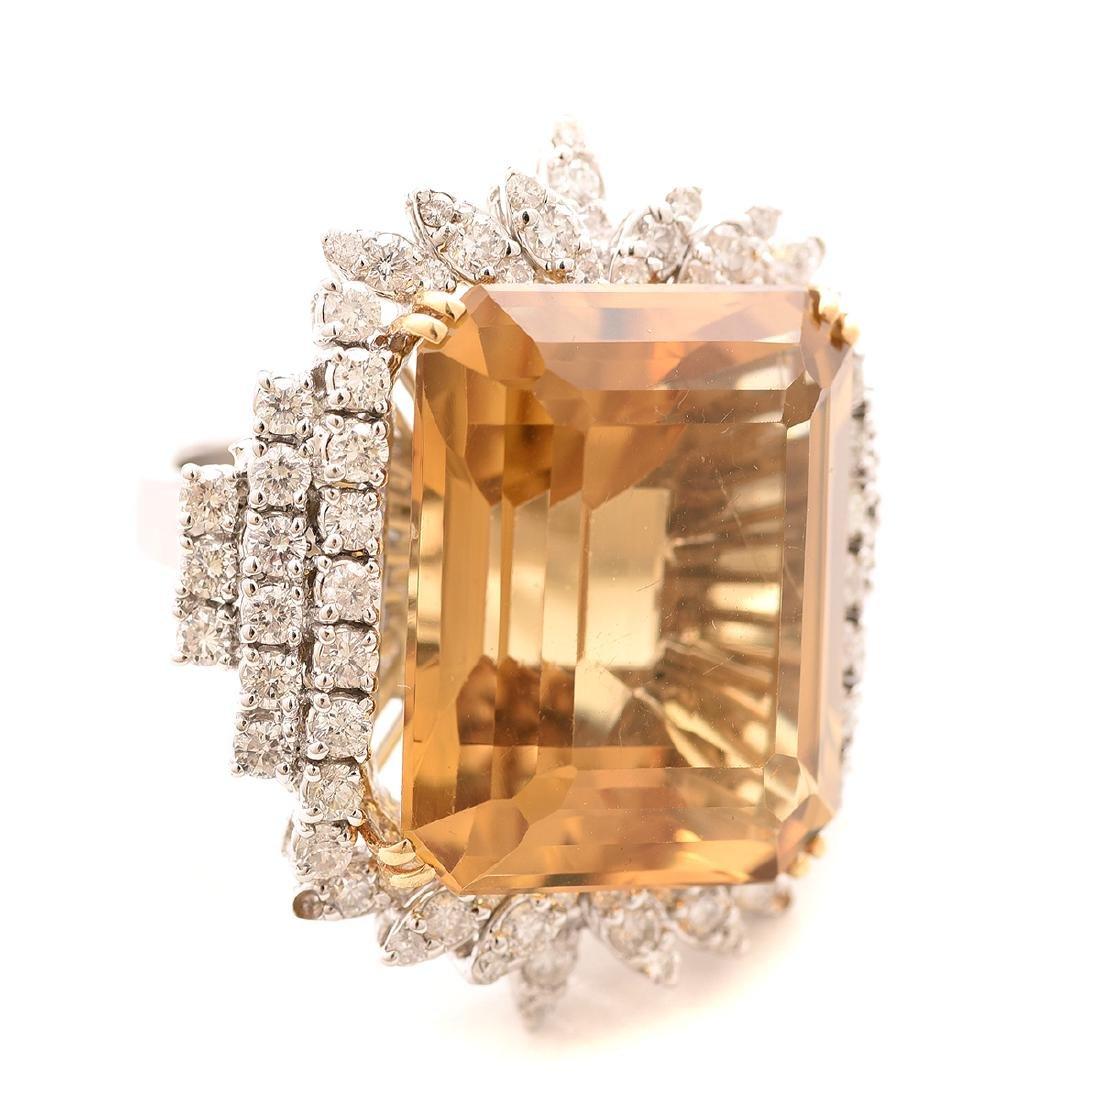 Citrine, Diamond, 18k White Gold Ring.